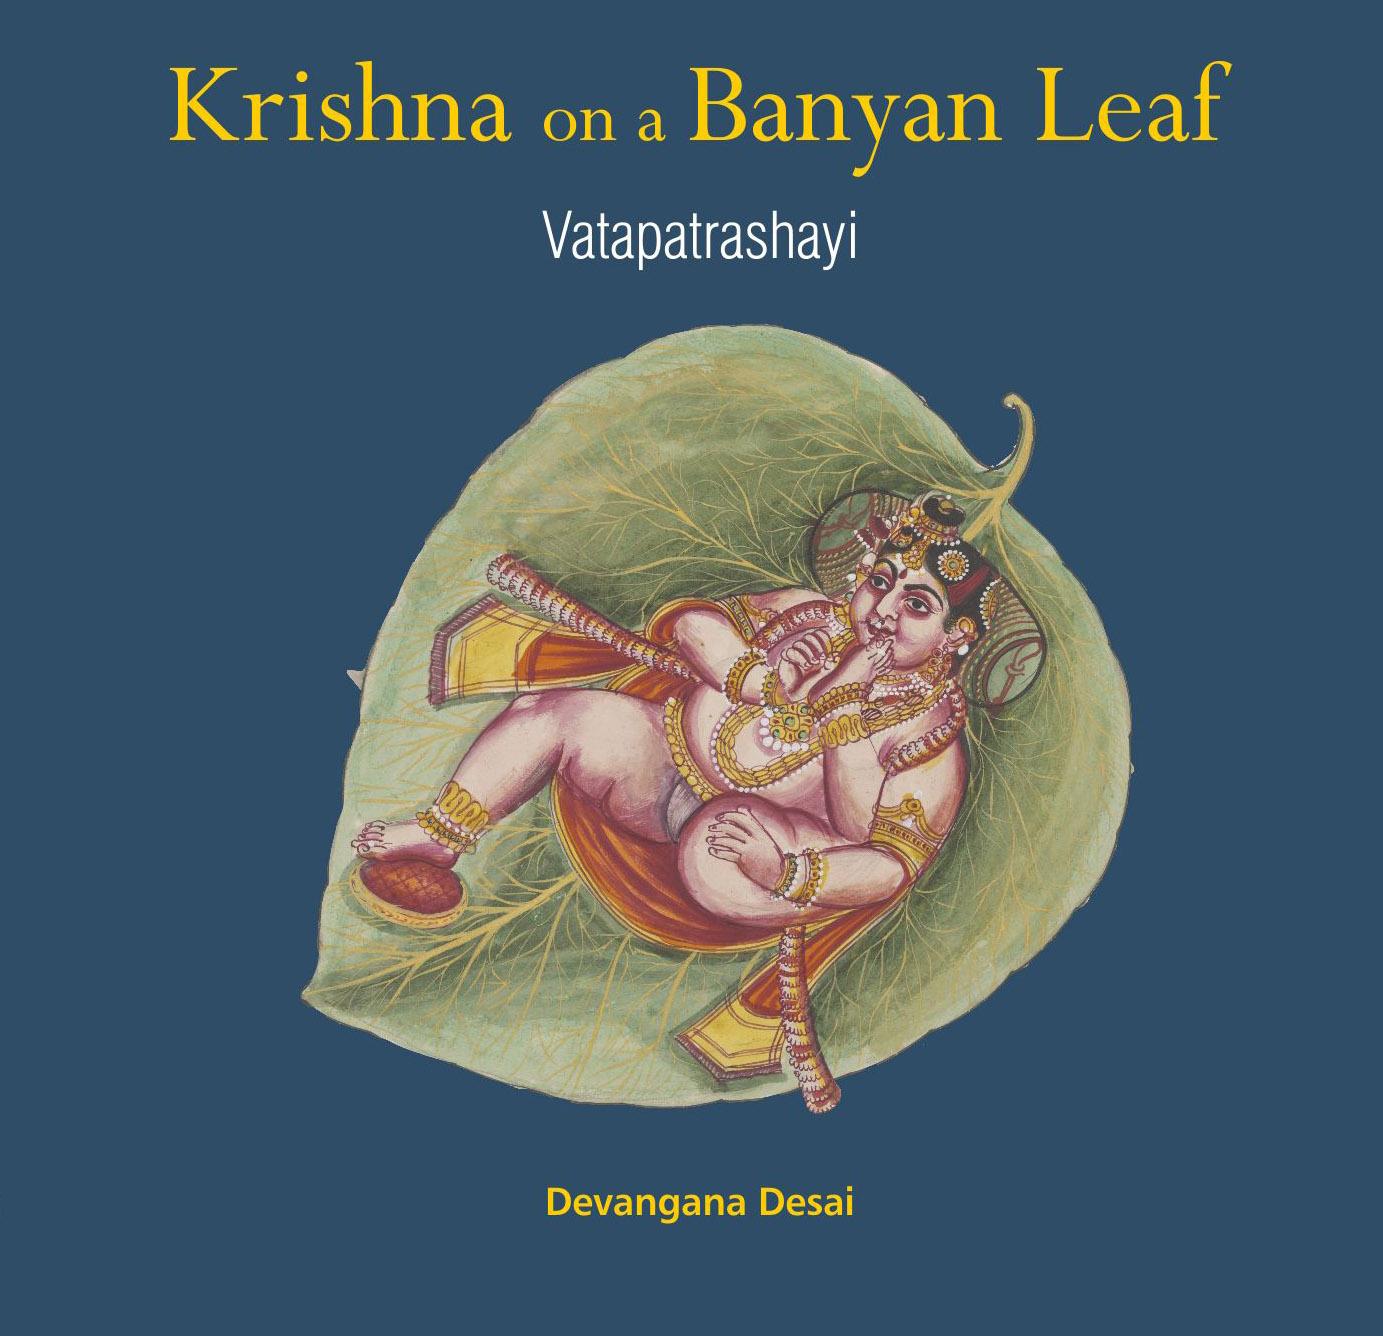 Krishna on a Banyan Leaf_Cover (060619) (4)